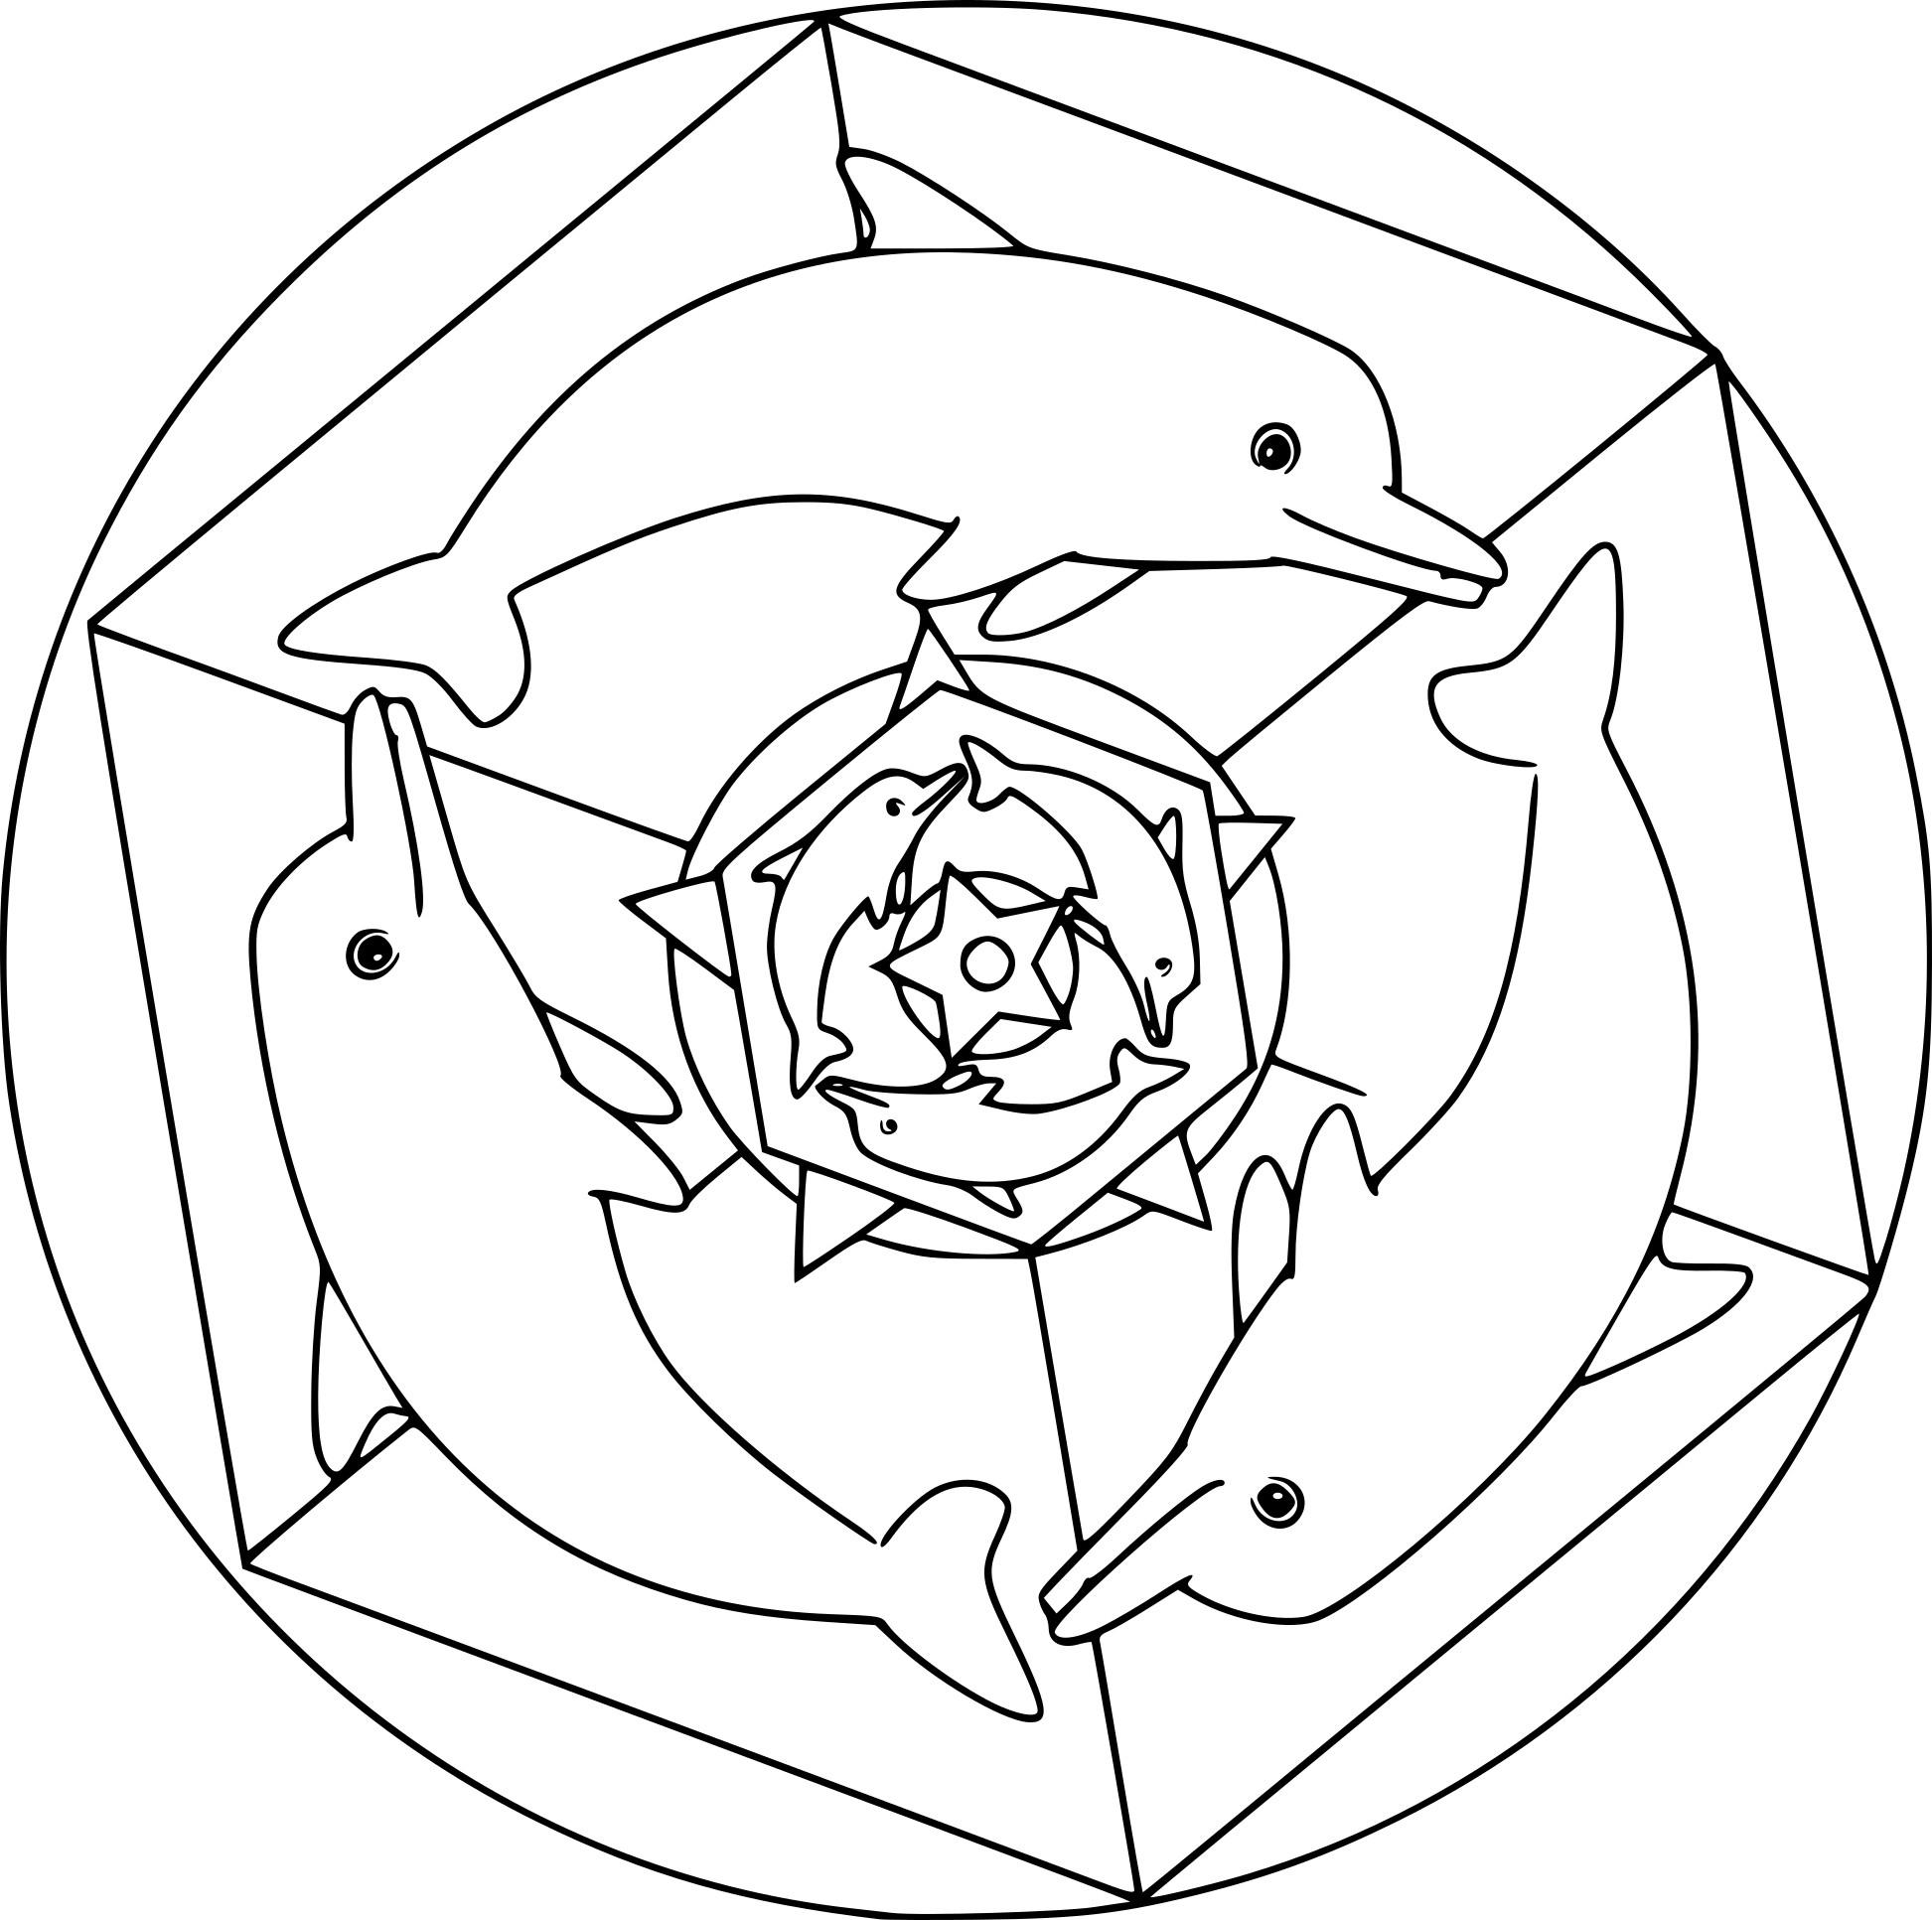 Coloriage De Mandala Dauphin À Imprimer Sur Coloriages tout Dessin Dauphin À Imprimer